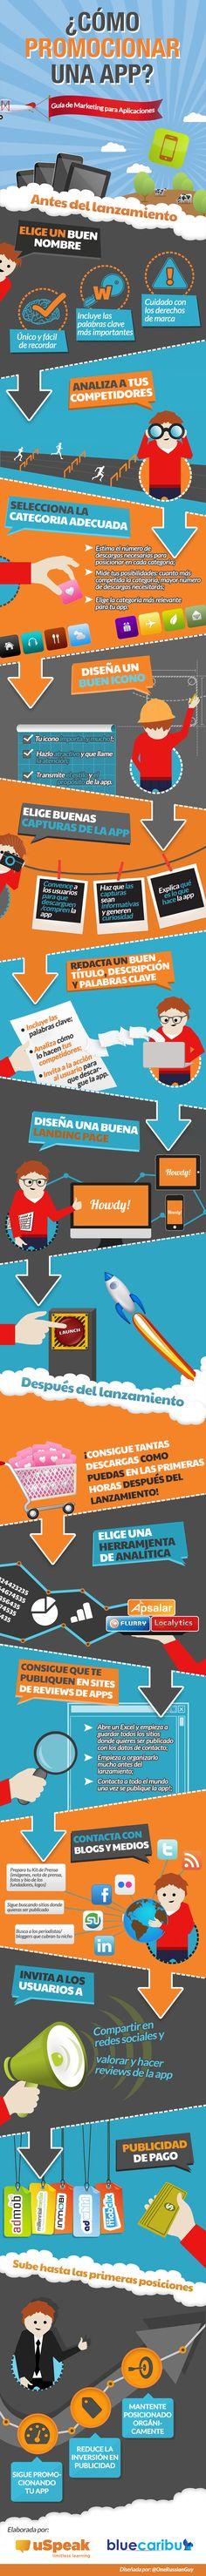 Cómo promocionar una APP #infografia